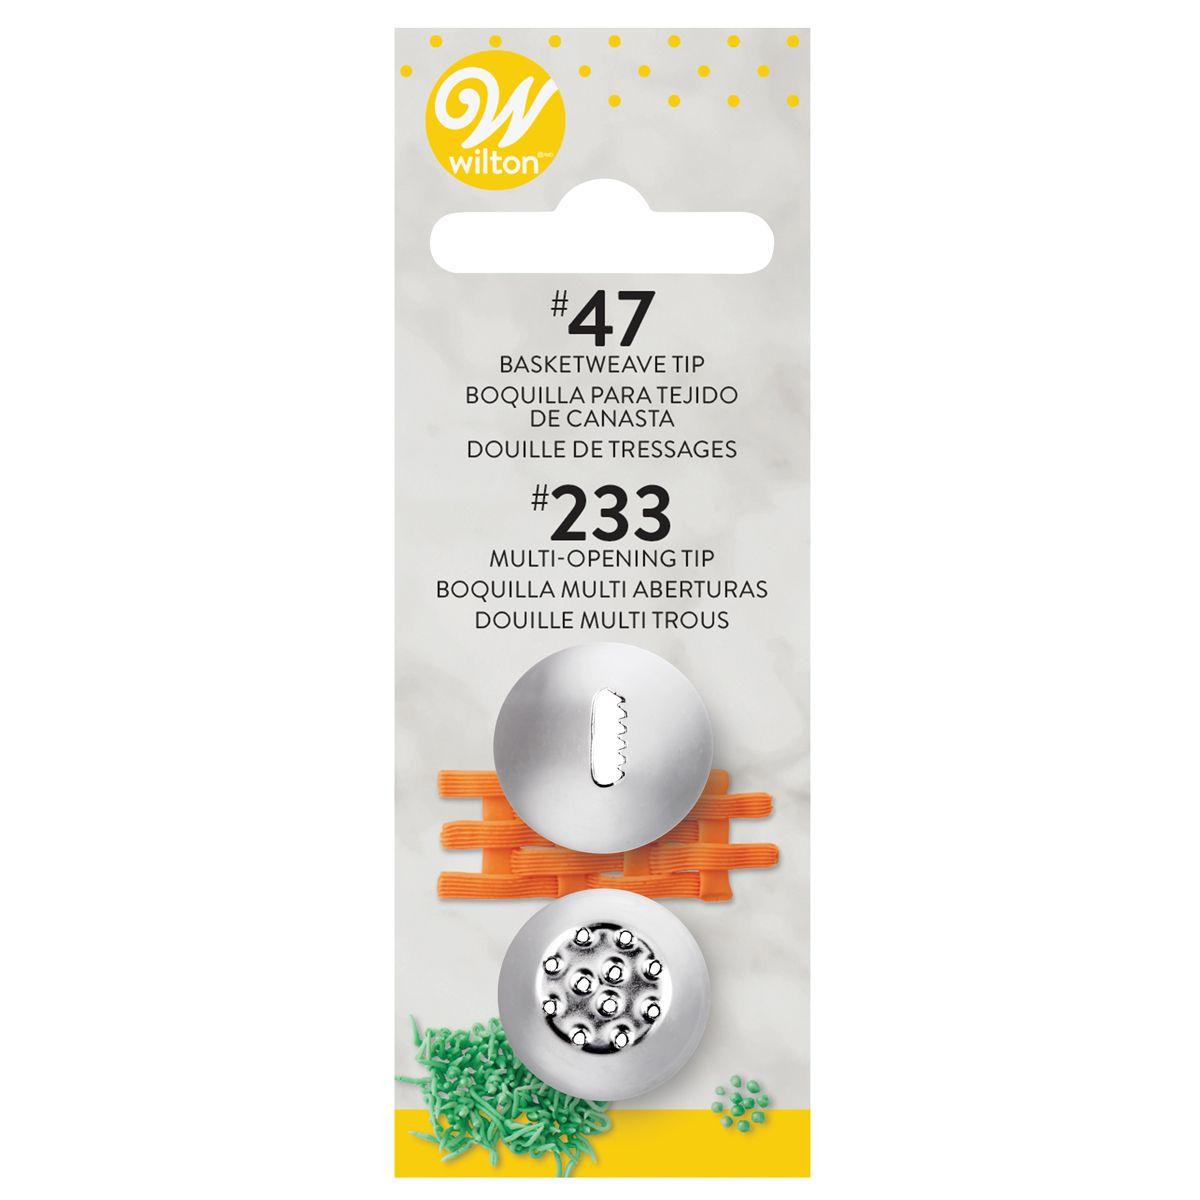 Douille pâtissière – #47 – #233 - Lot de 2